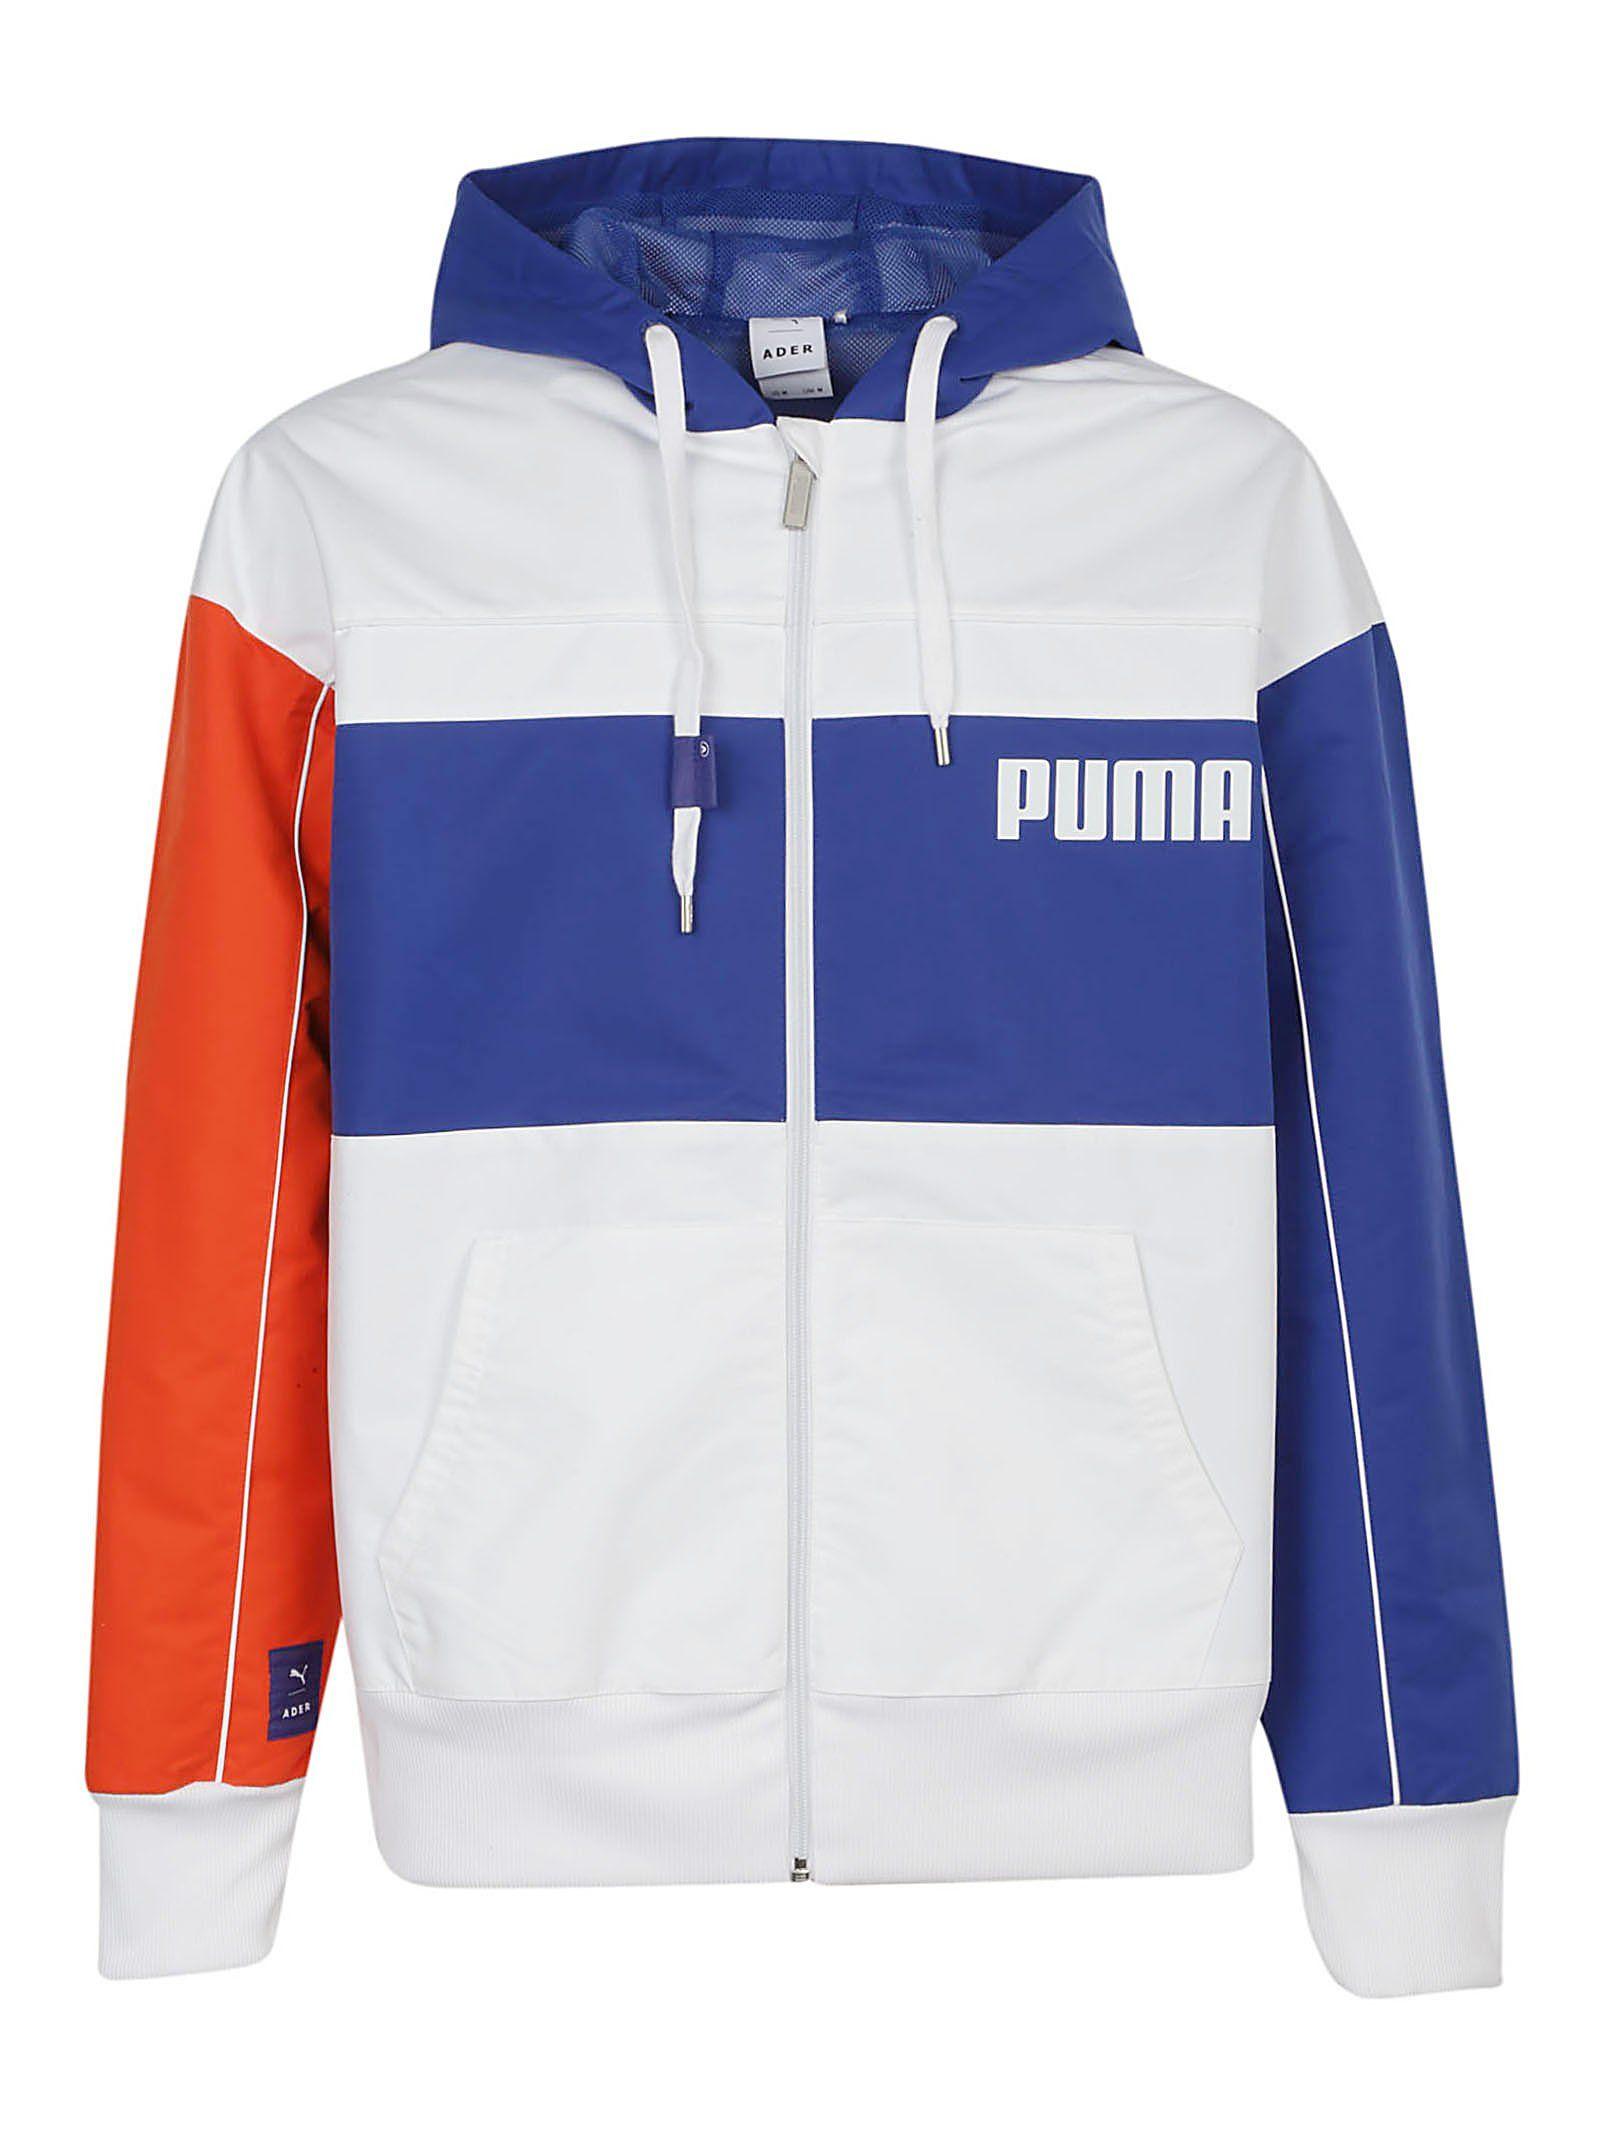 Kaufen Online,Fabrik online Große Auswahl Puma X Ader Error